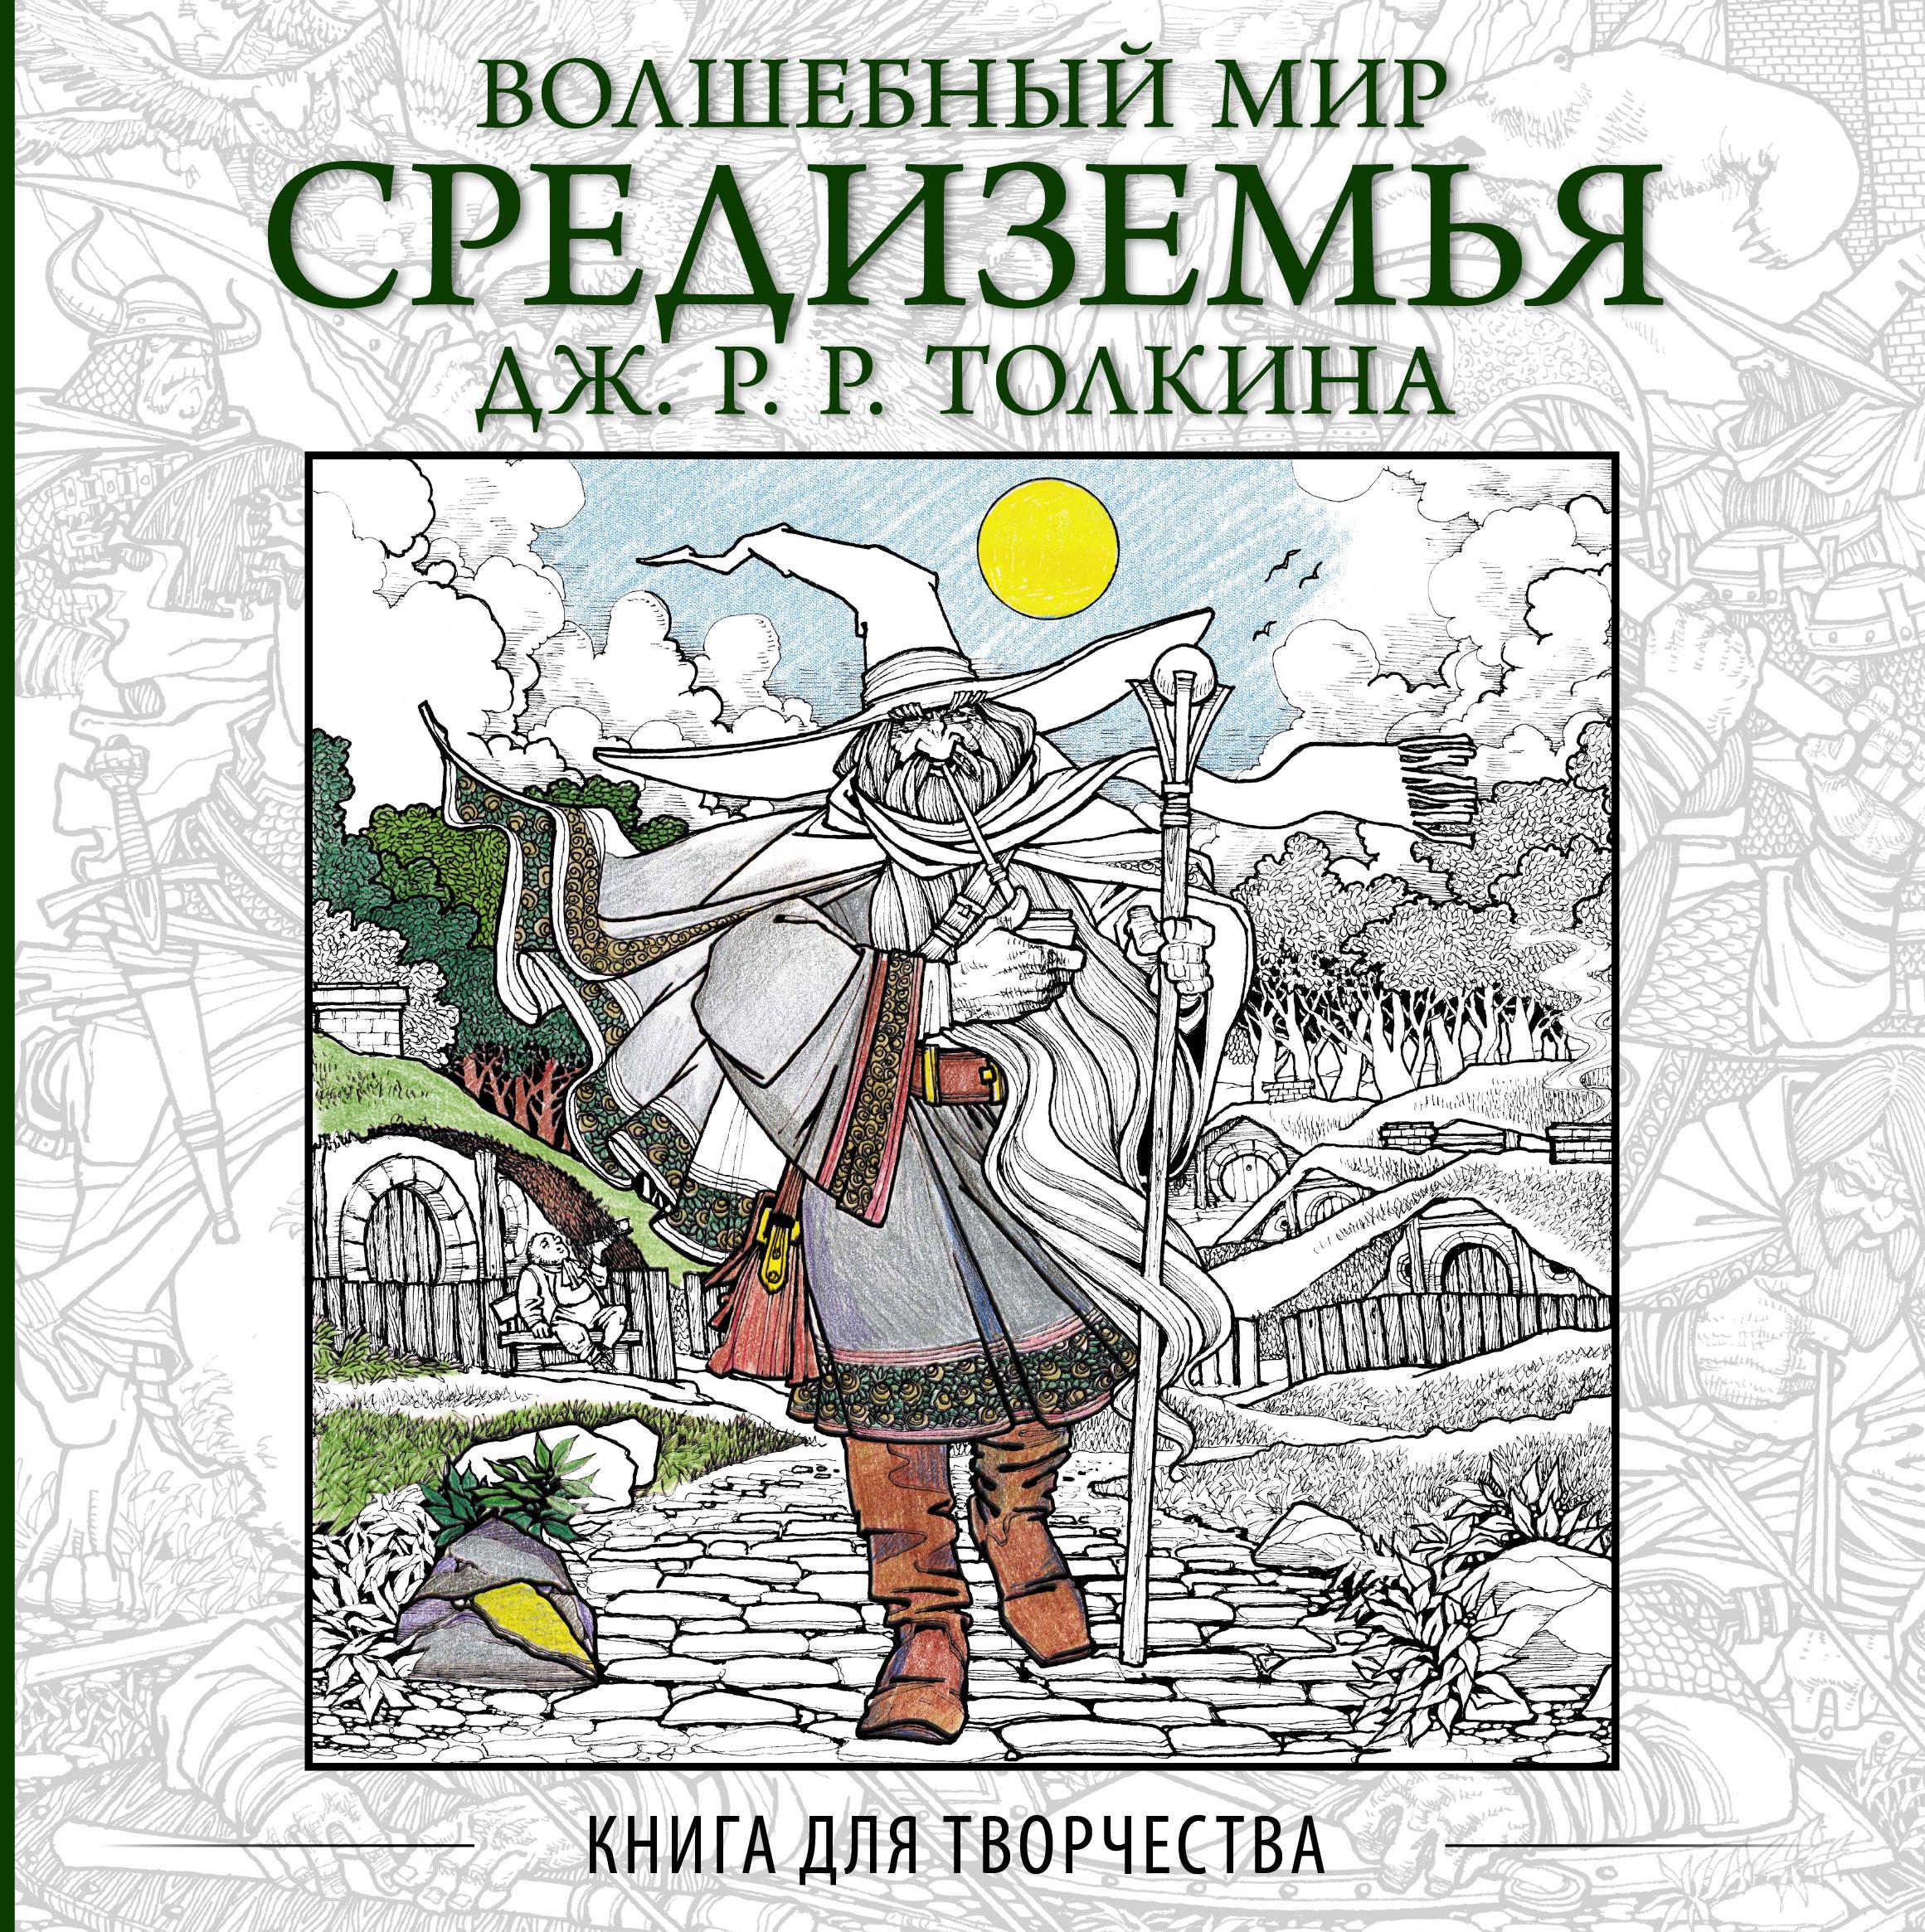 Волшебный мир Средиземья Дж.Р.Р. Толкина: Книга для творчества